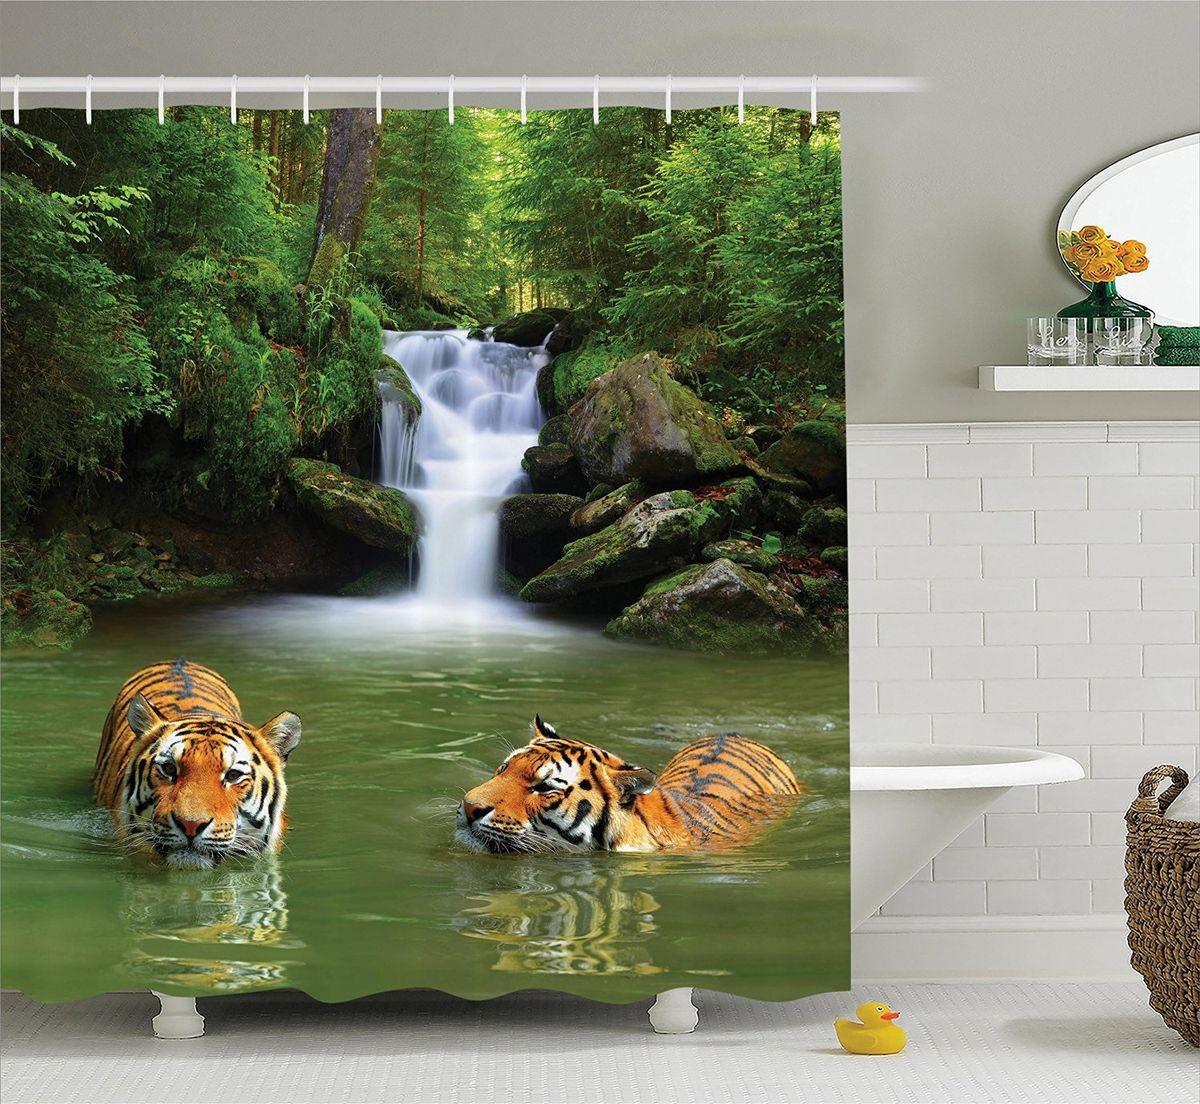 Штора для ванной комнаты Magic Lady Купающиеся тигры, 180 х 200 смшв_10243Штора Magic Lady Купающиеся тигры, изготовленная из высококачественного сатена (полиэстер 100%), отлично дополнит любой интерьер ванной комнаты. При изготовлении используются специальные гипоаллергенные чернила для прямой печати по ткани, безопасные для человека.В комплекте: 1 штора, 12 крючков. Обращаем ваше внимание, фактический цвет изделия может незначительно отличаться от представленного на фото.